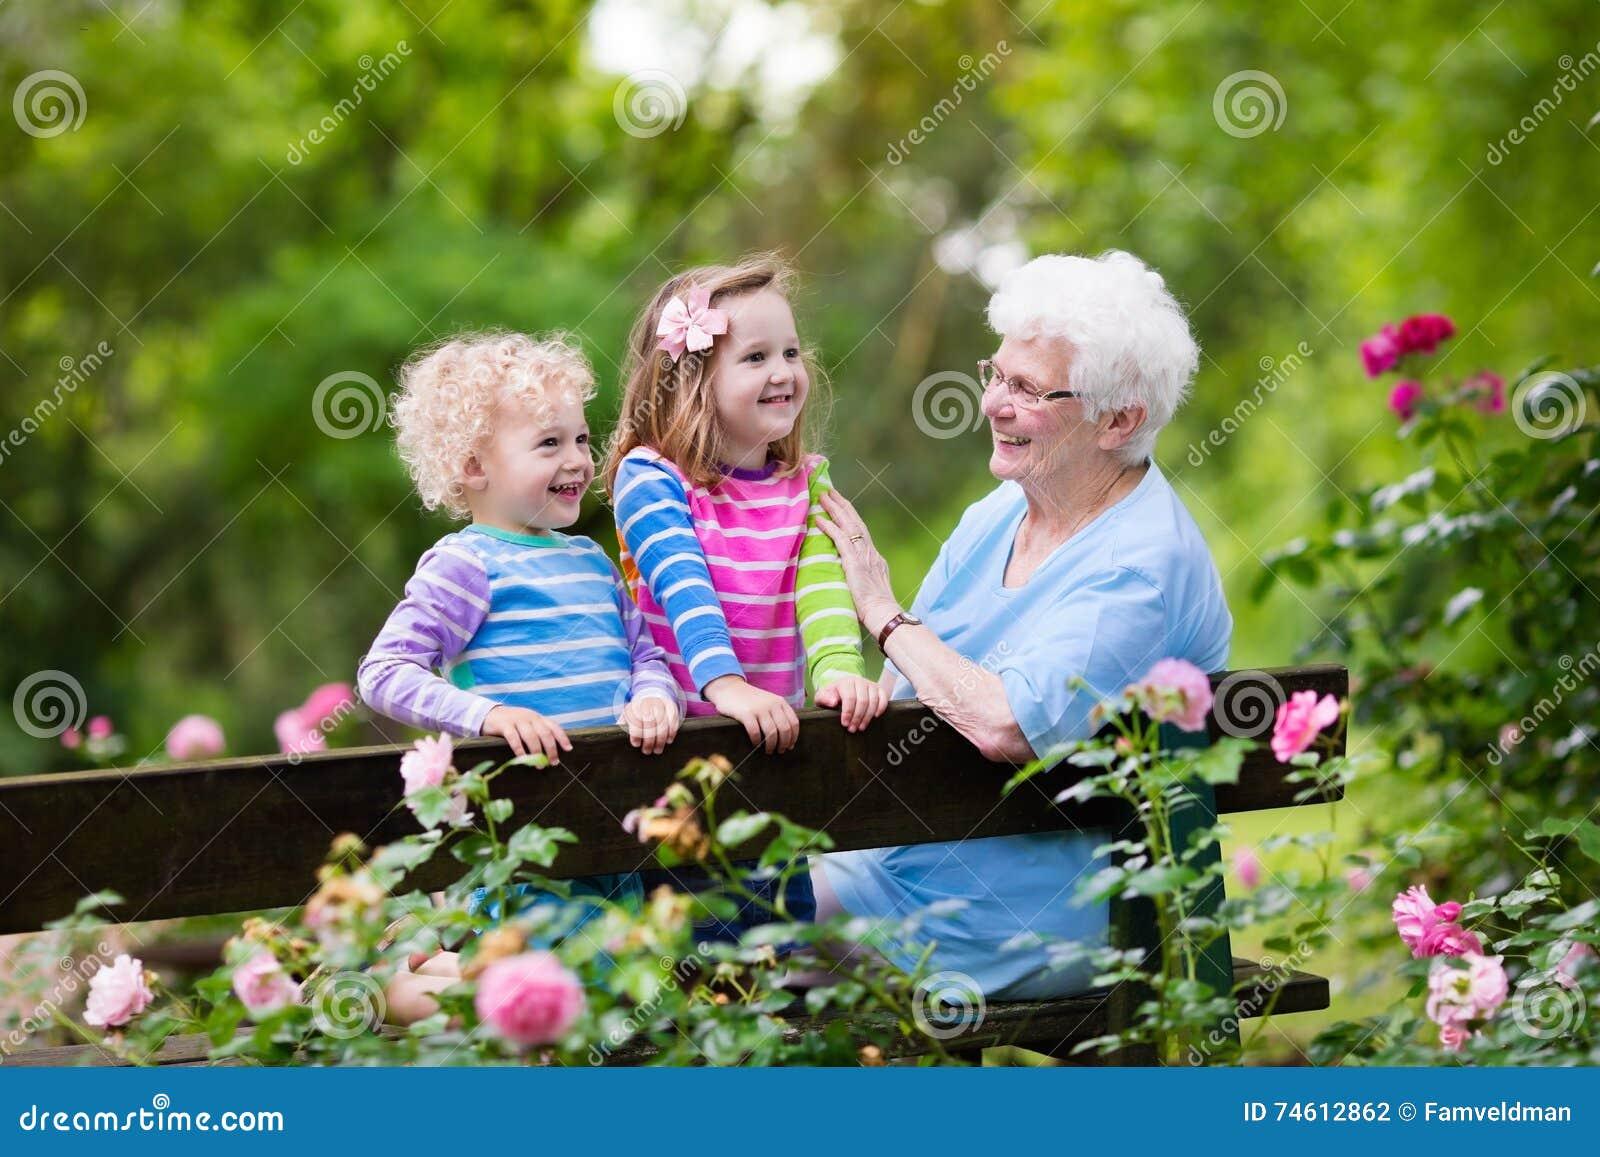 461a5778b56 Γιαγιά και παιδιά που κάθονται στη φυτεία με τριανταφυλλιές Στοκ ...